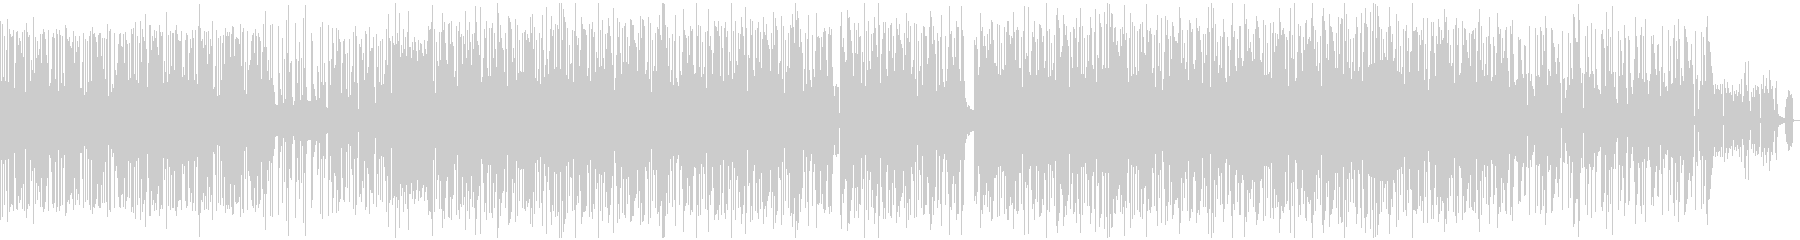 跳ねてスピード感のあるPV的なBGMの未再生の波形